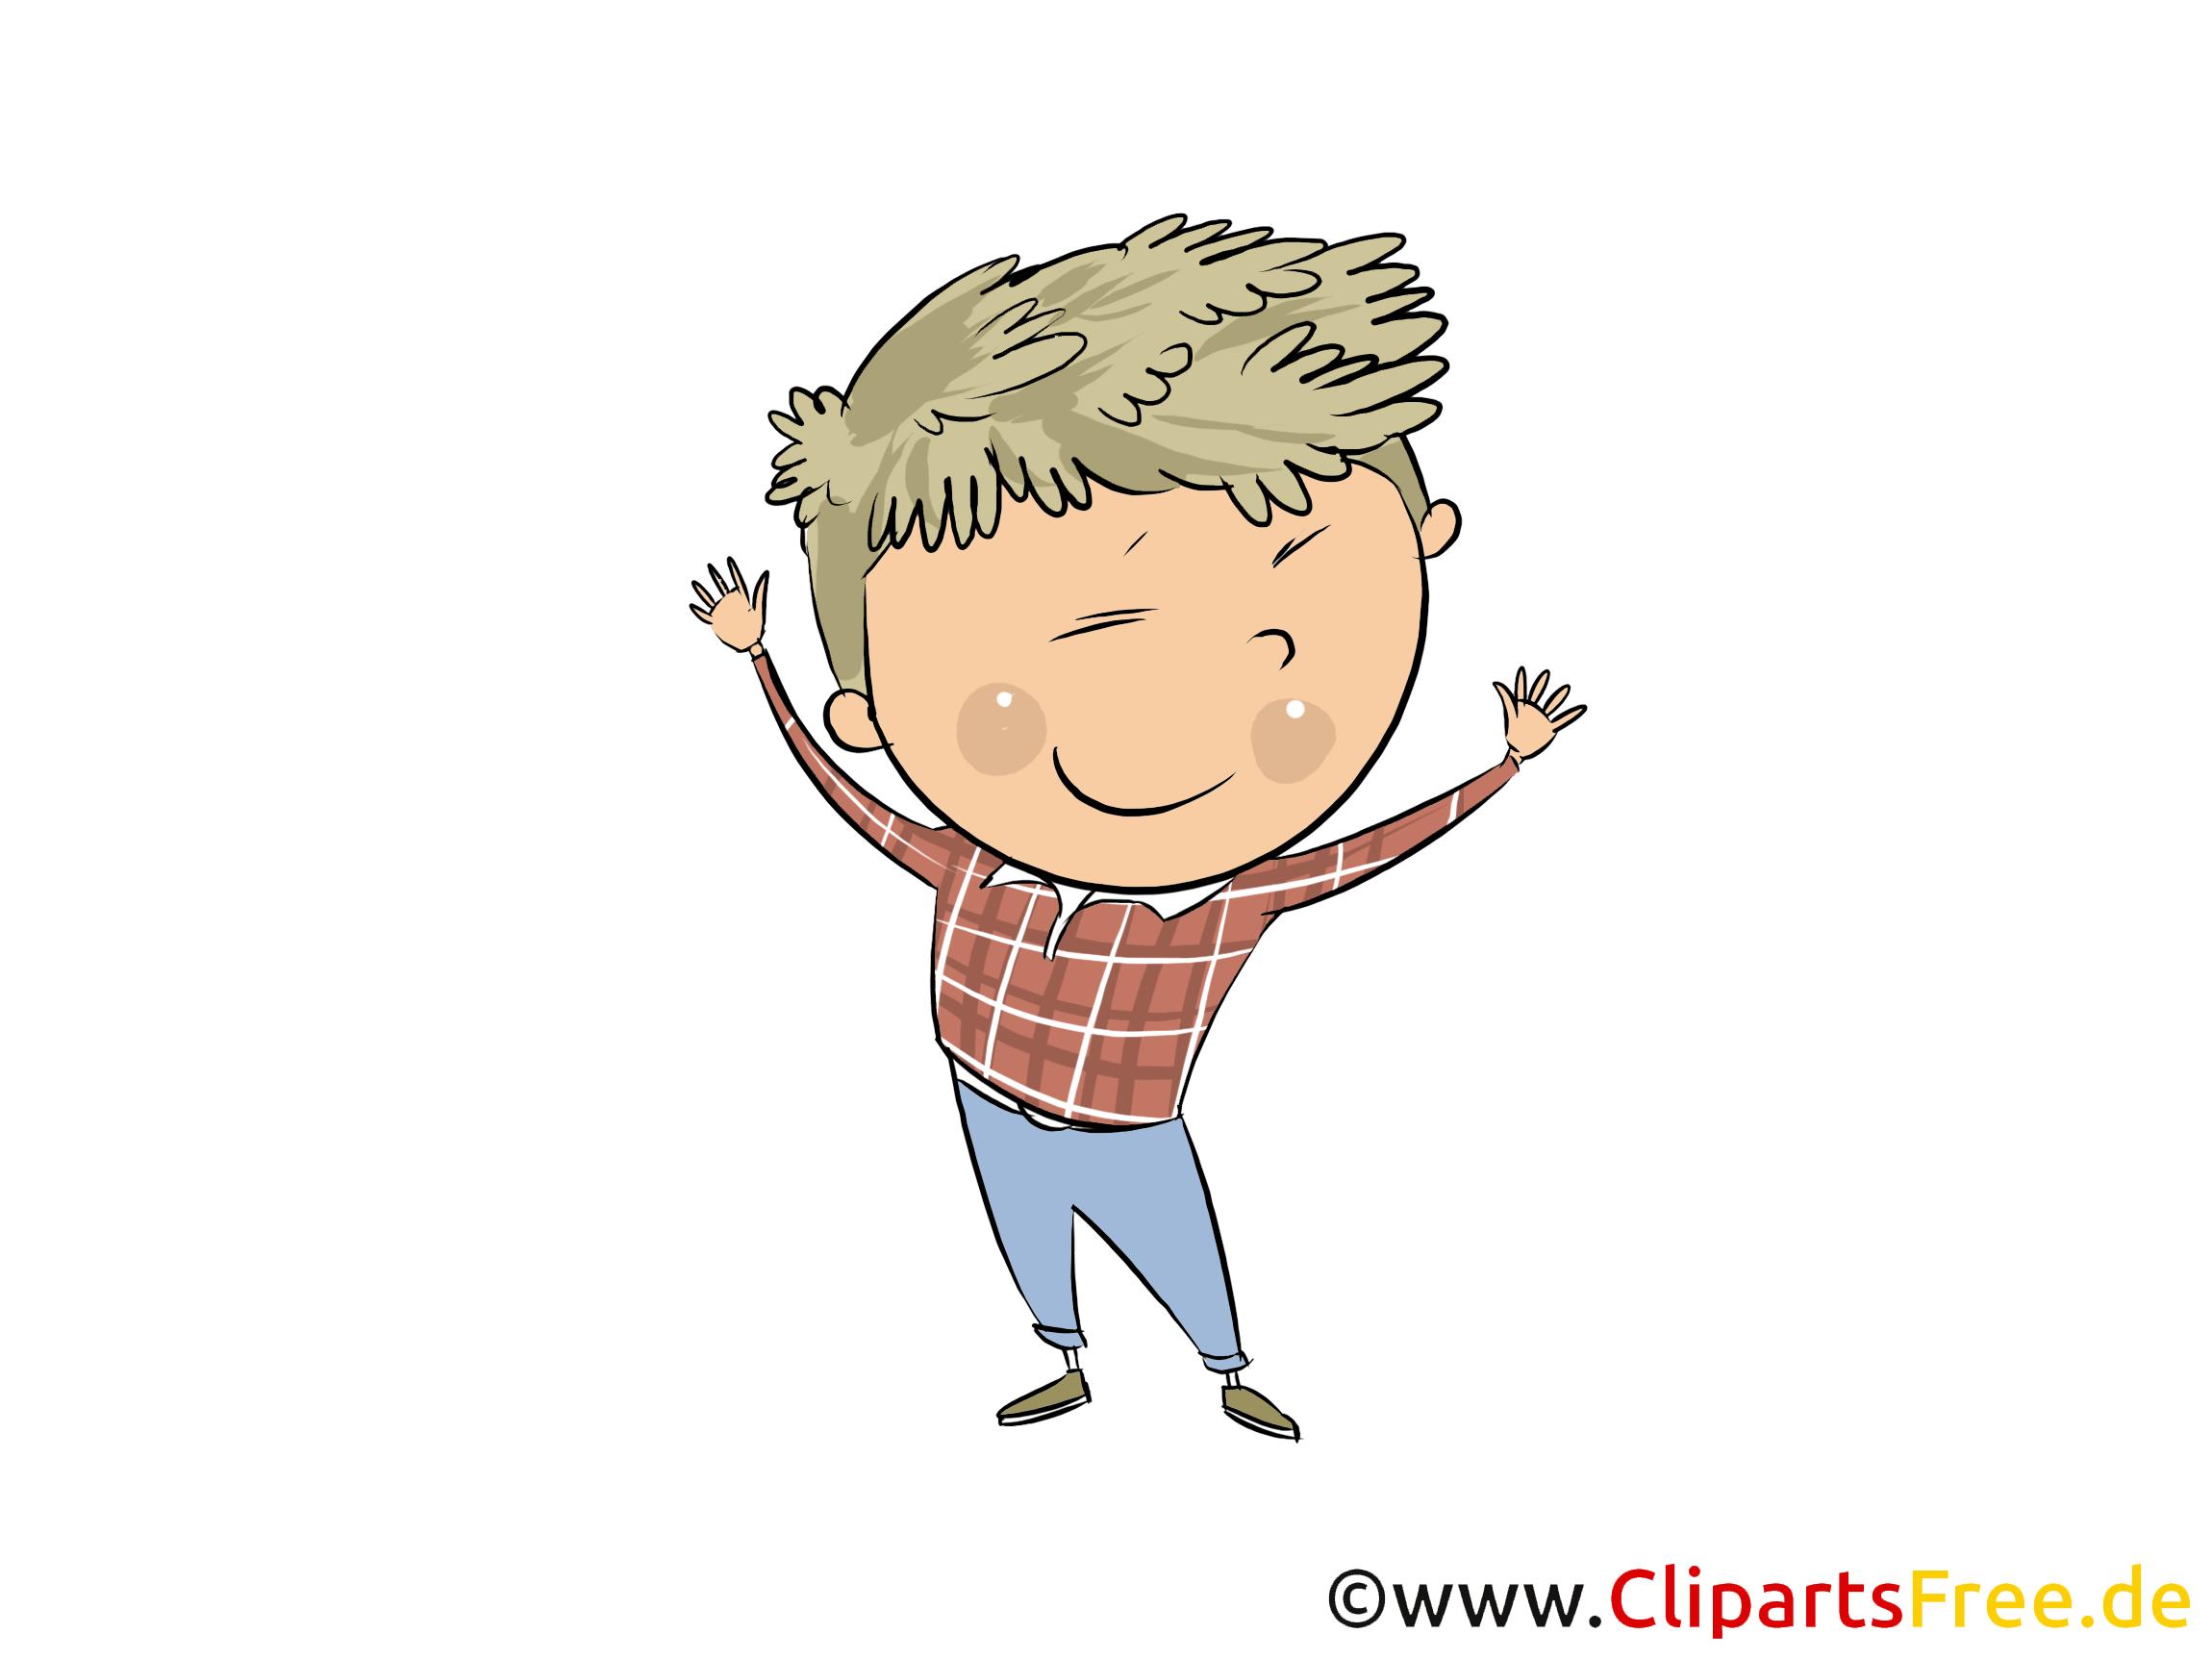 Junge im Kindergarten - Kinder Cliparts kostenlos